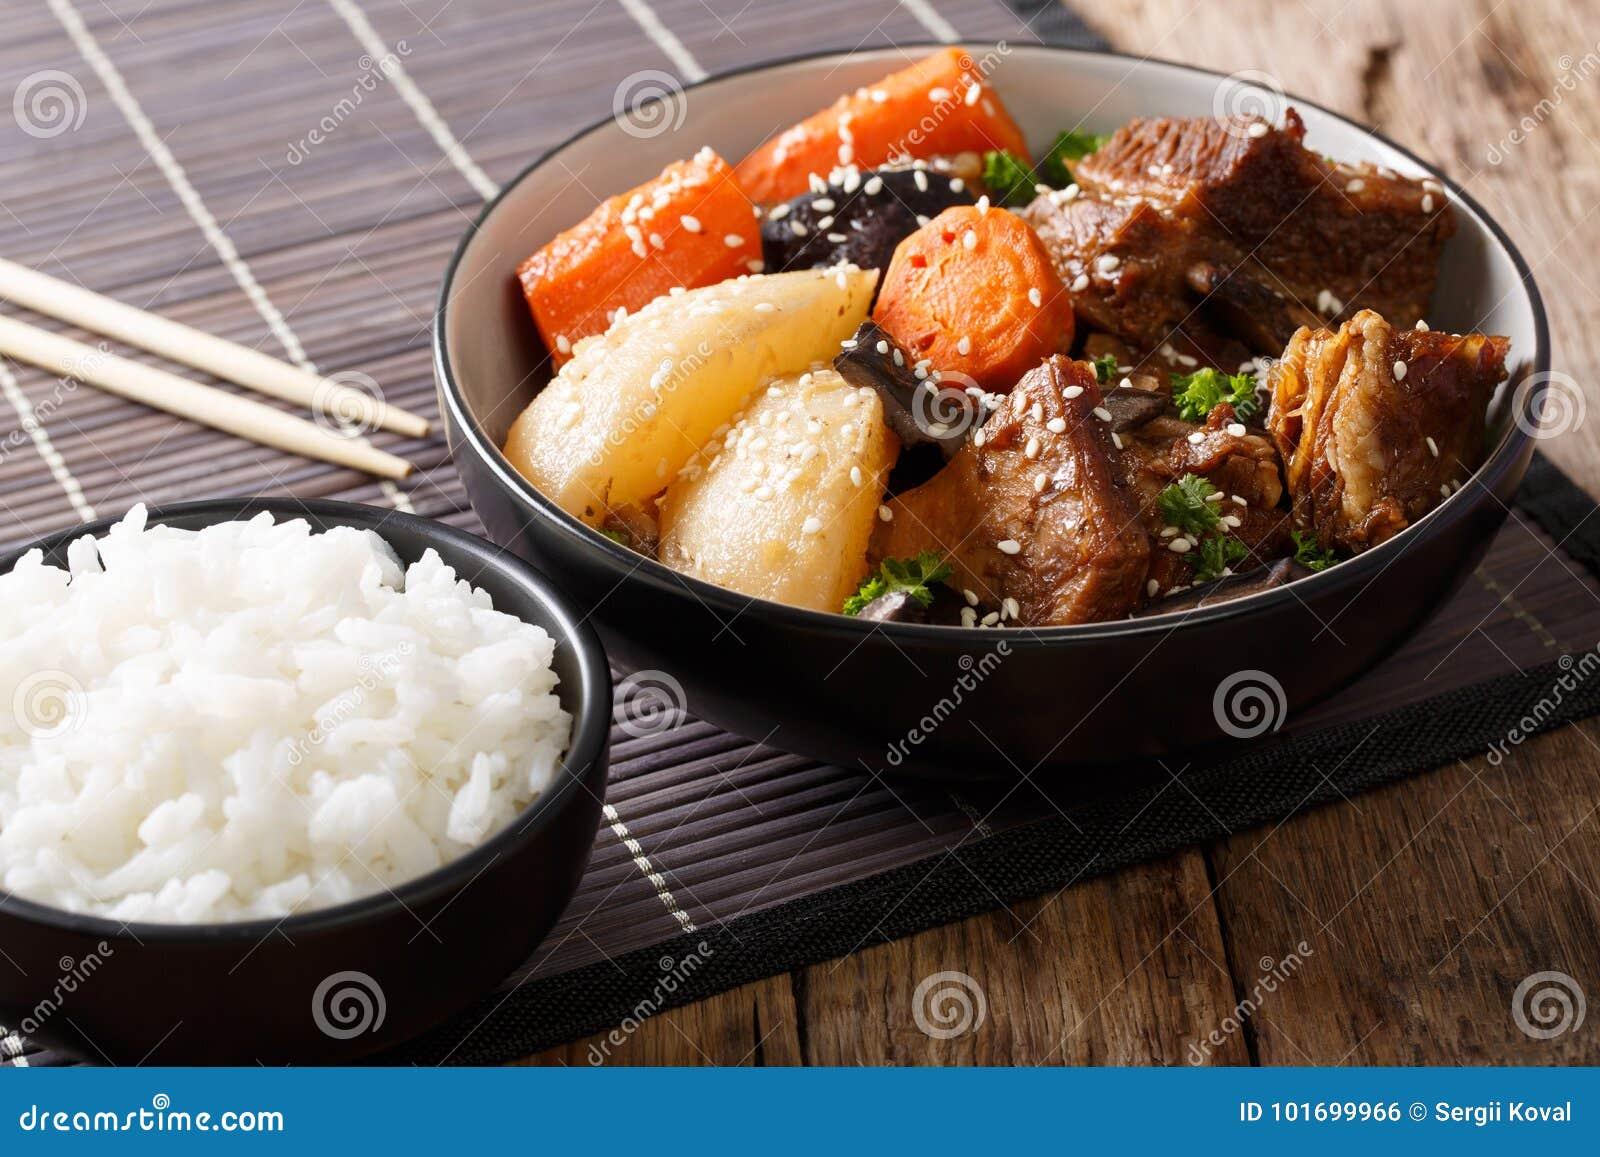 Galbi jjim of Kalbi Jim - Koreaanse Gesmoorde Rundvlees Korte Ribben met ri